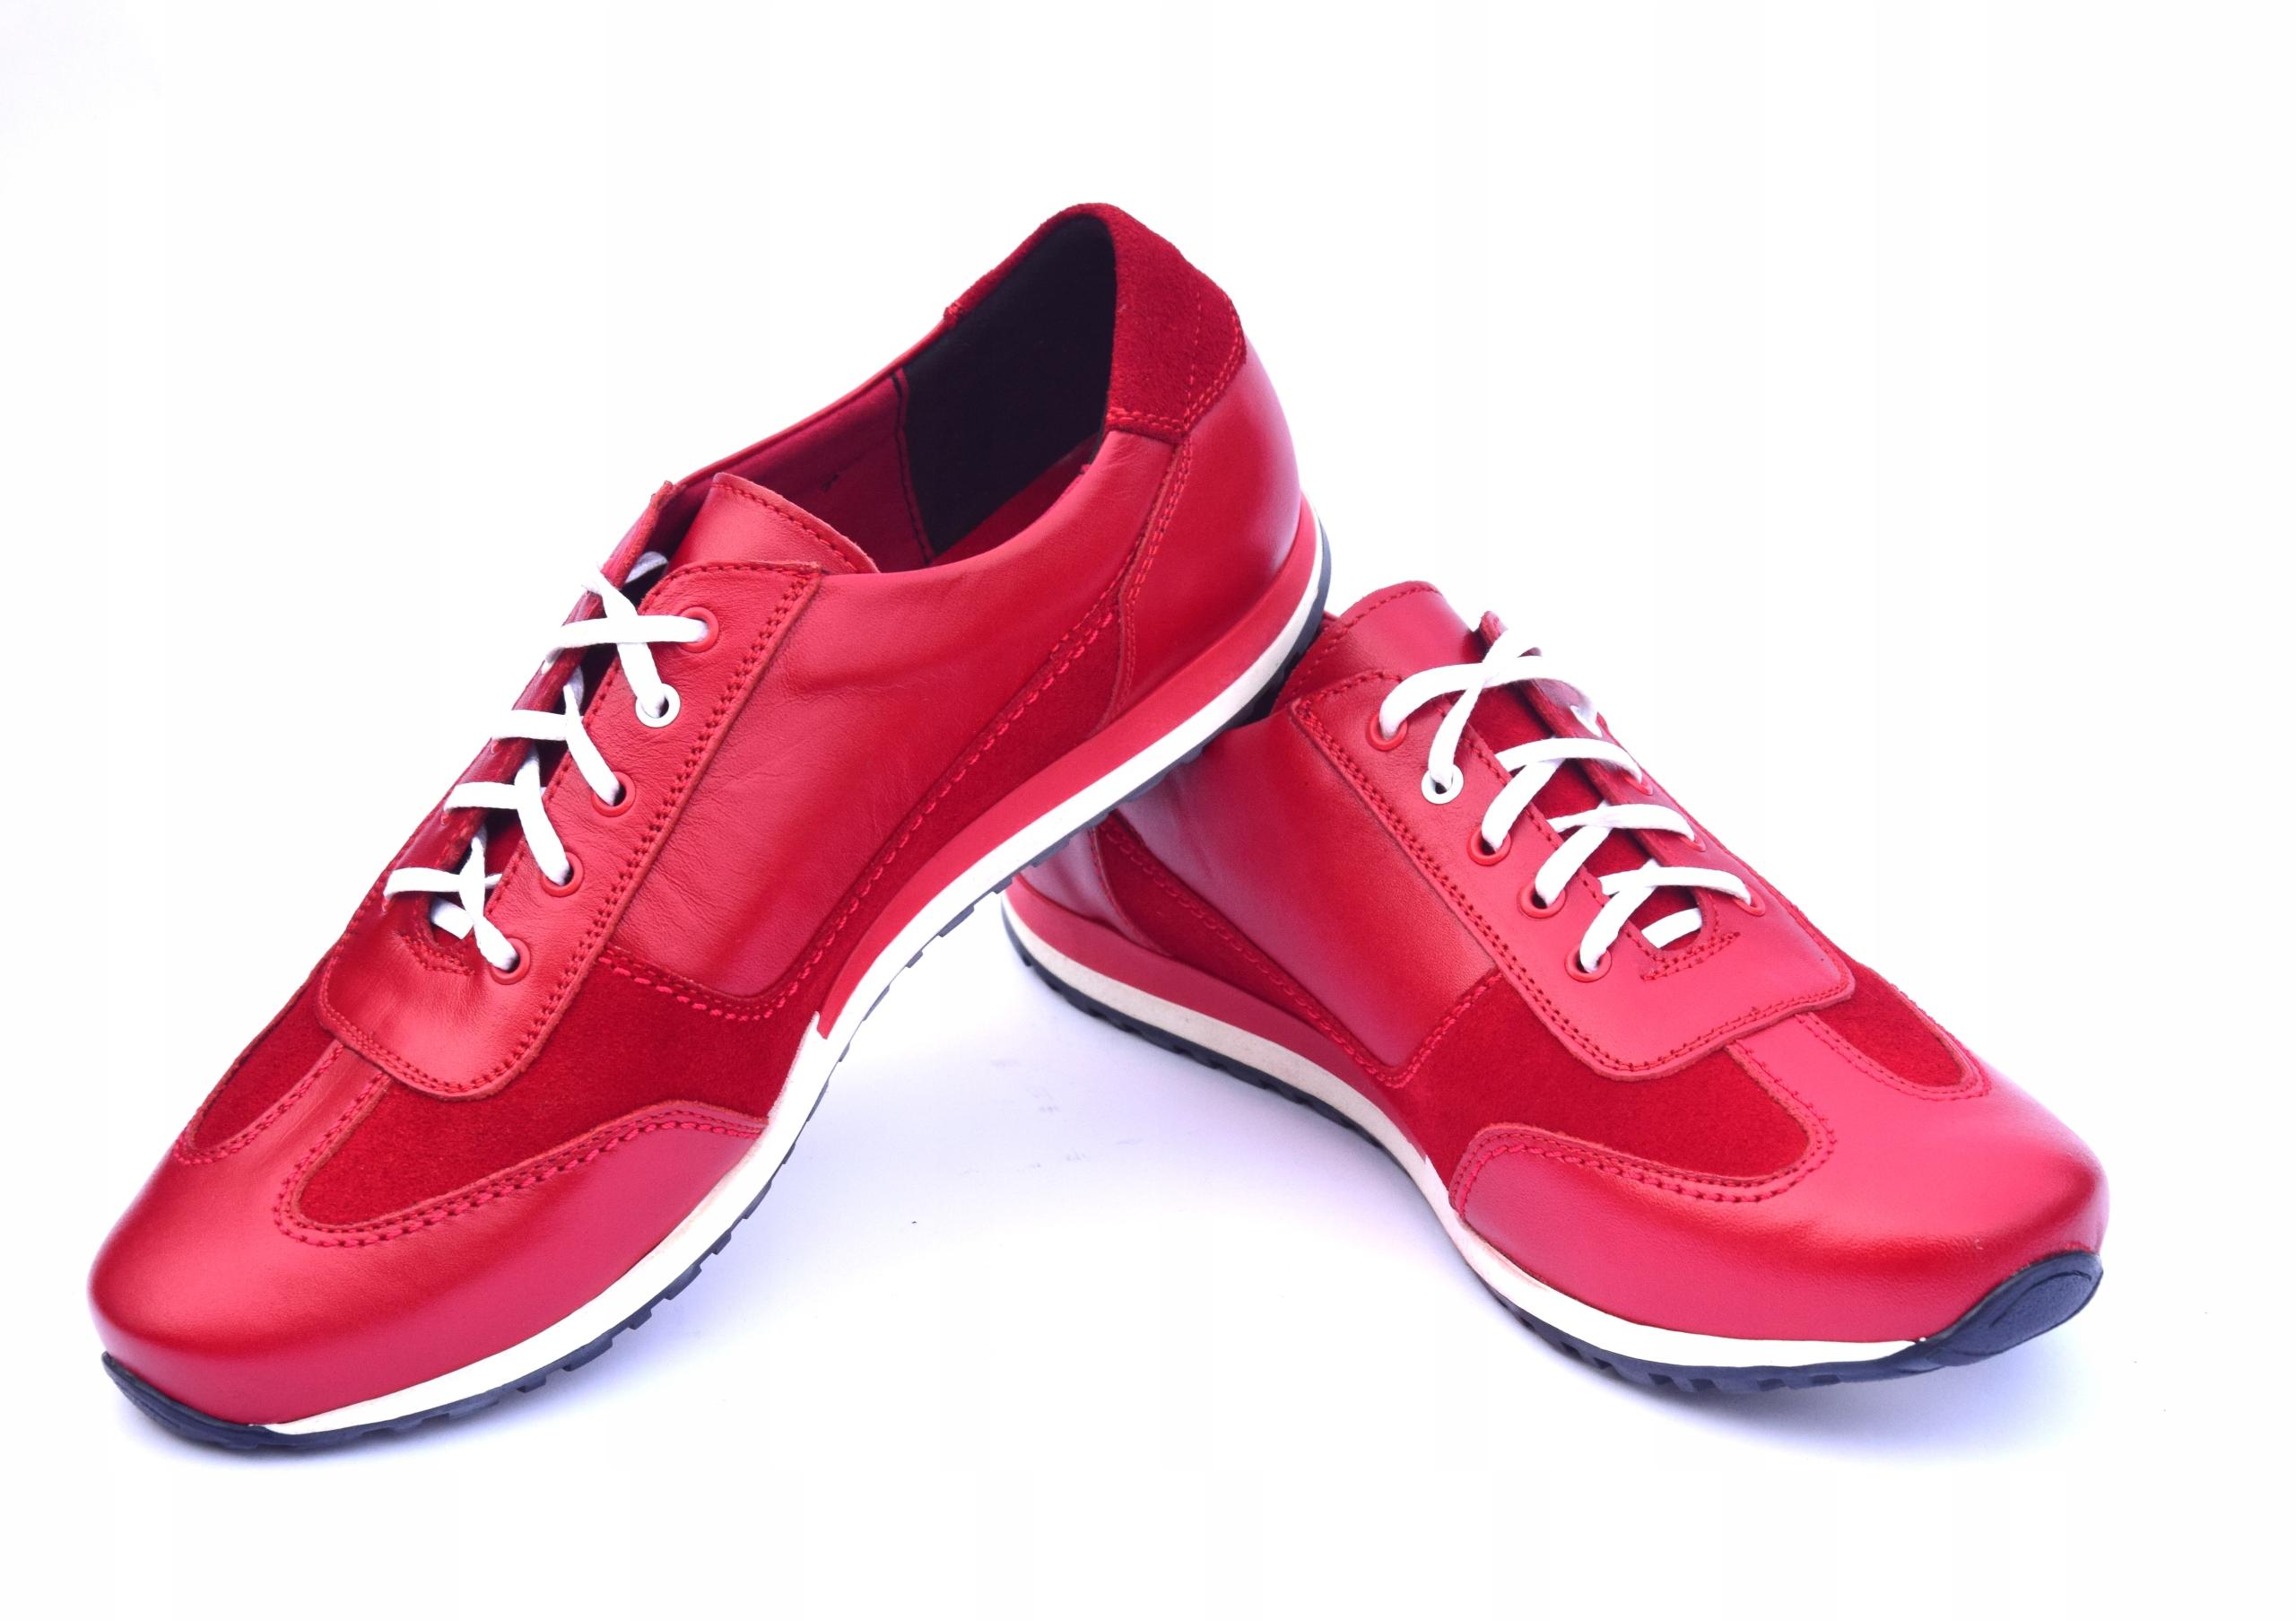 Buty skórzane czerwone obuwie ze skóry PL 294 Płeć Produkt męski